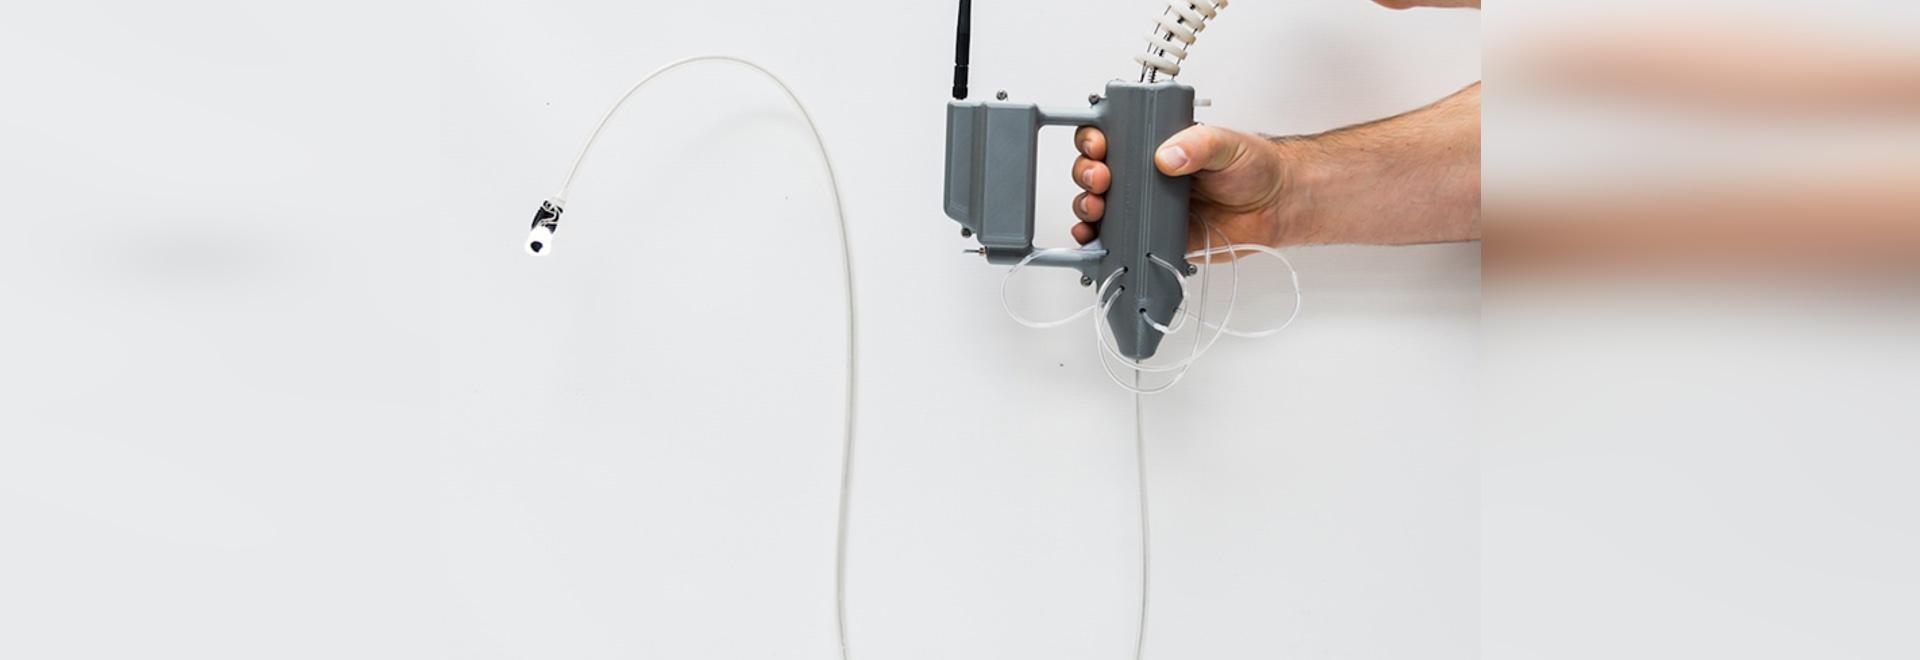 Un endoscopio ultra barato para hacer que las pruebas de detección del cáncer sean más comunes